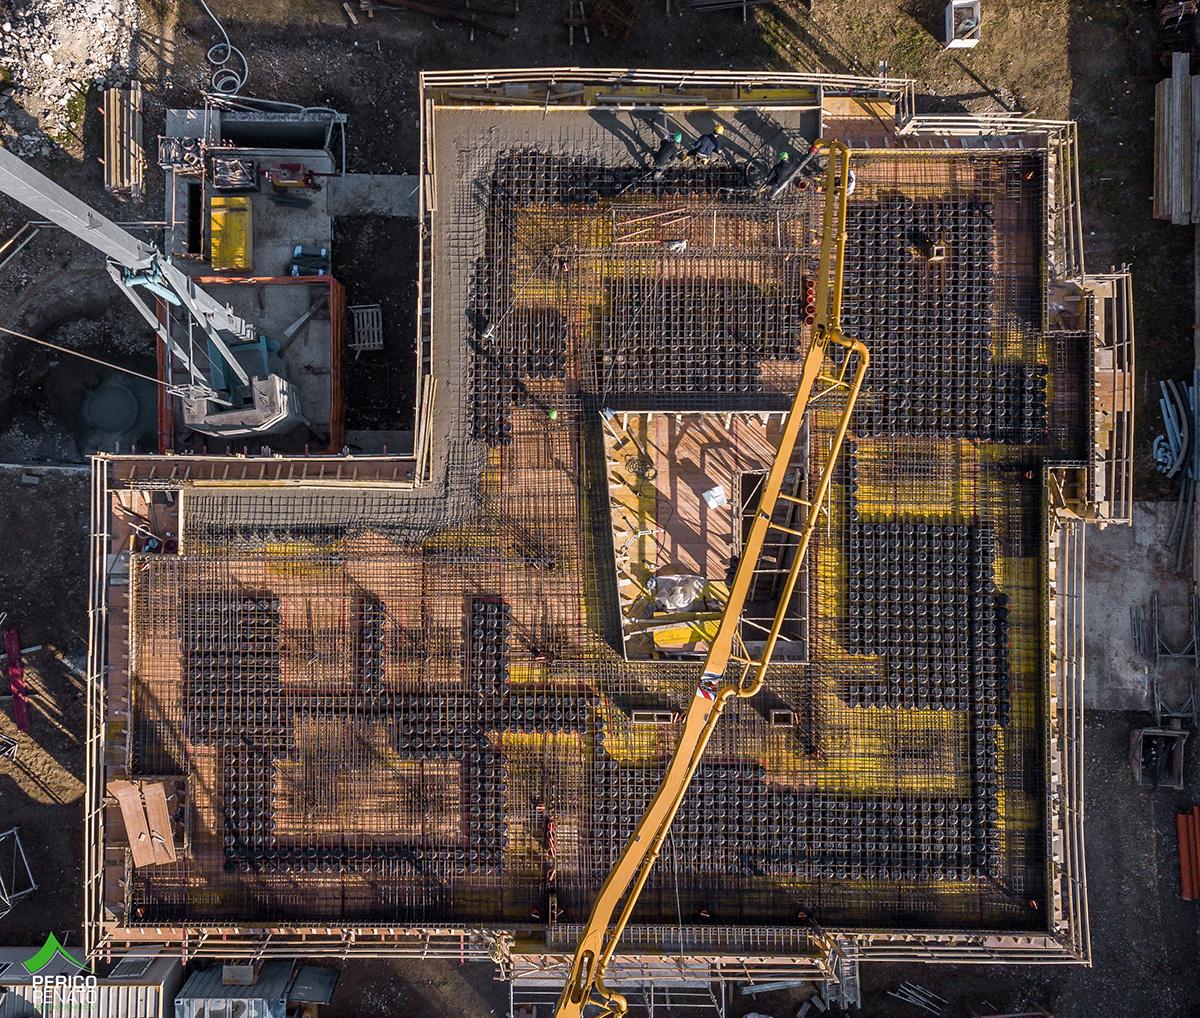 Perico-Renato-Morengo (BG) - Edilizia privata - Nuova costruzione 14